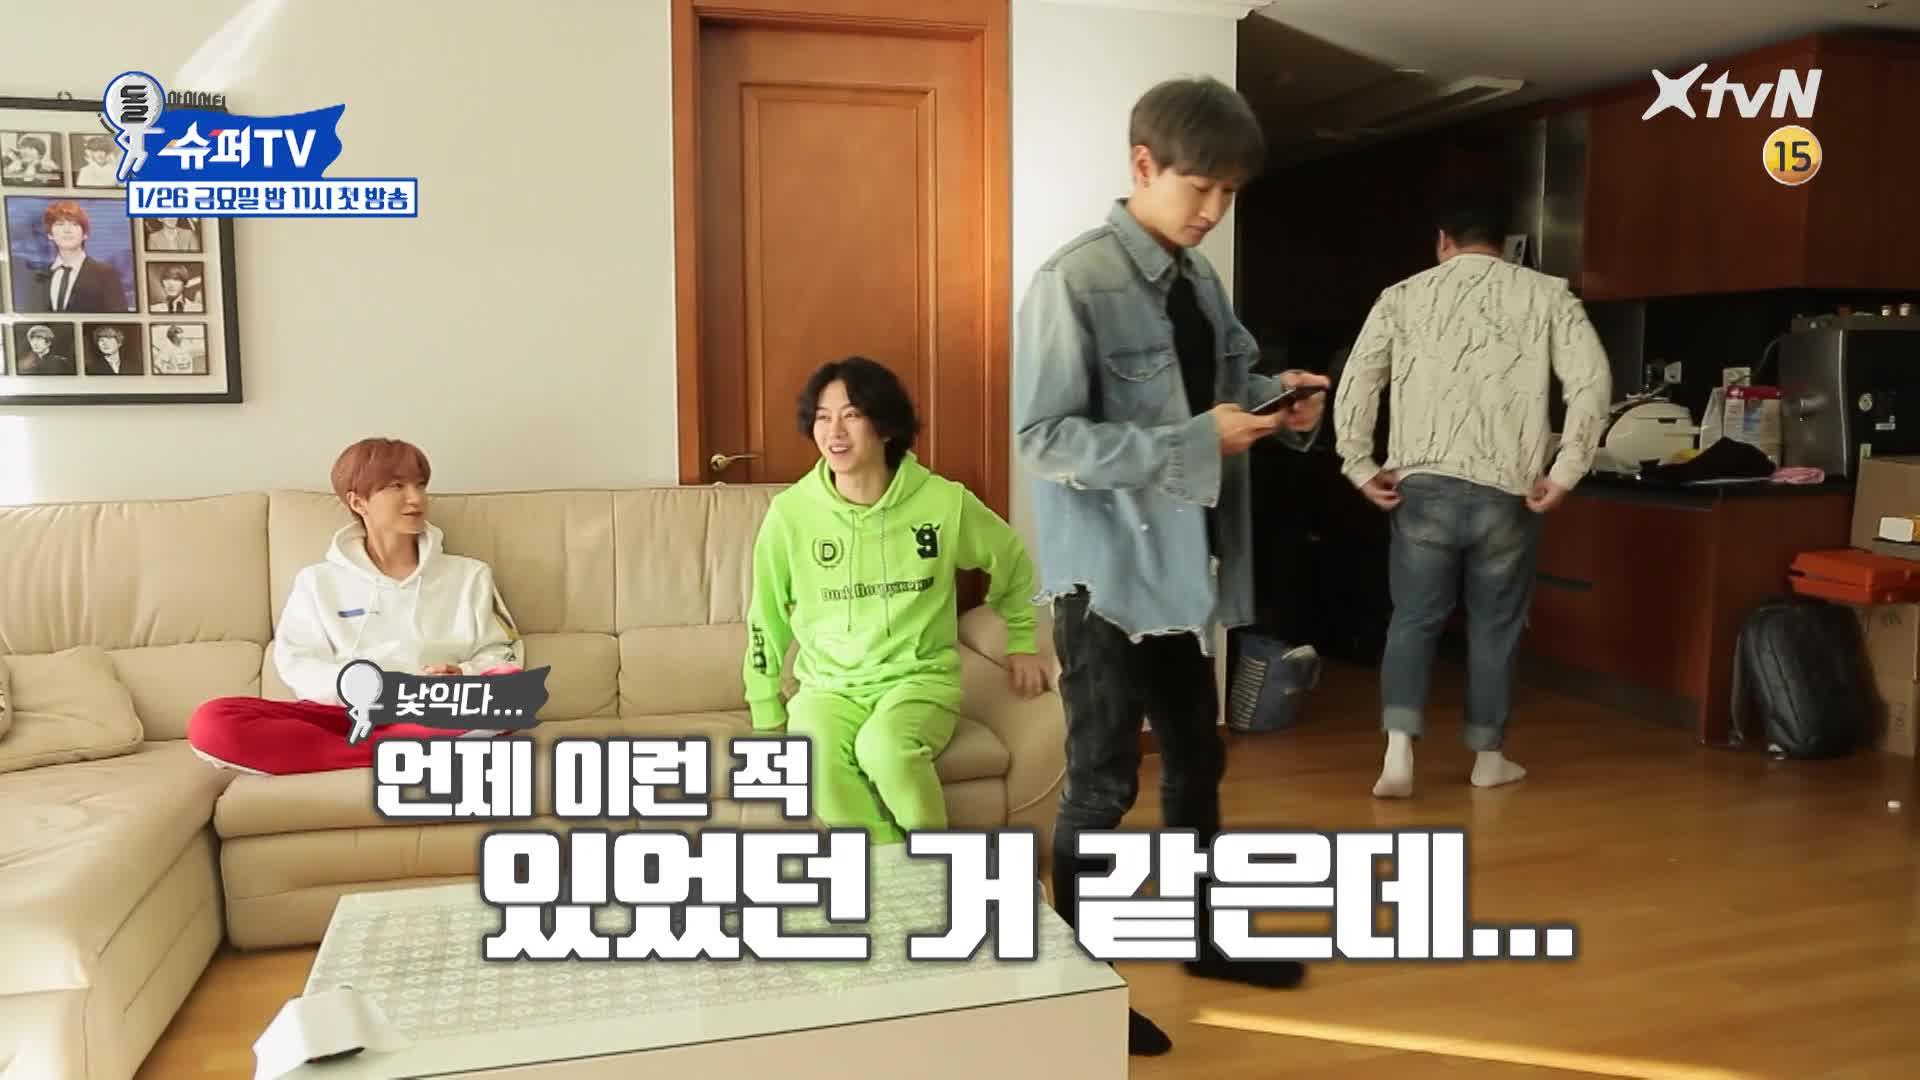 [슈퍼TV] 시작부터 아무말 대잔치?! 슈주 단독 예능 탄생!